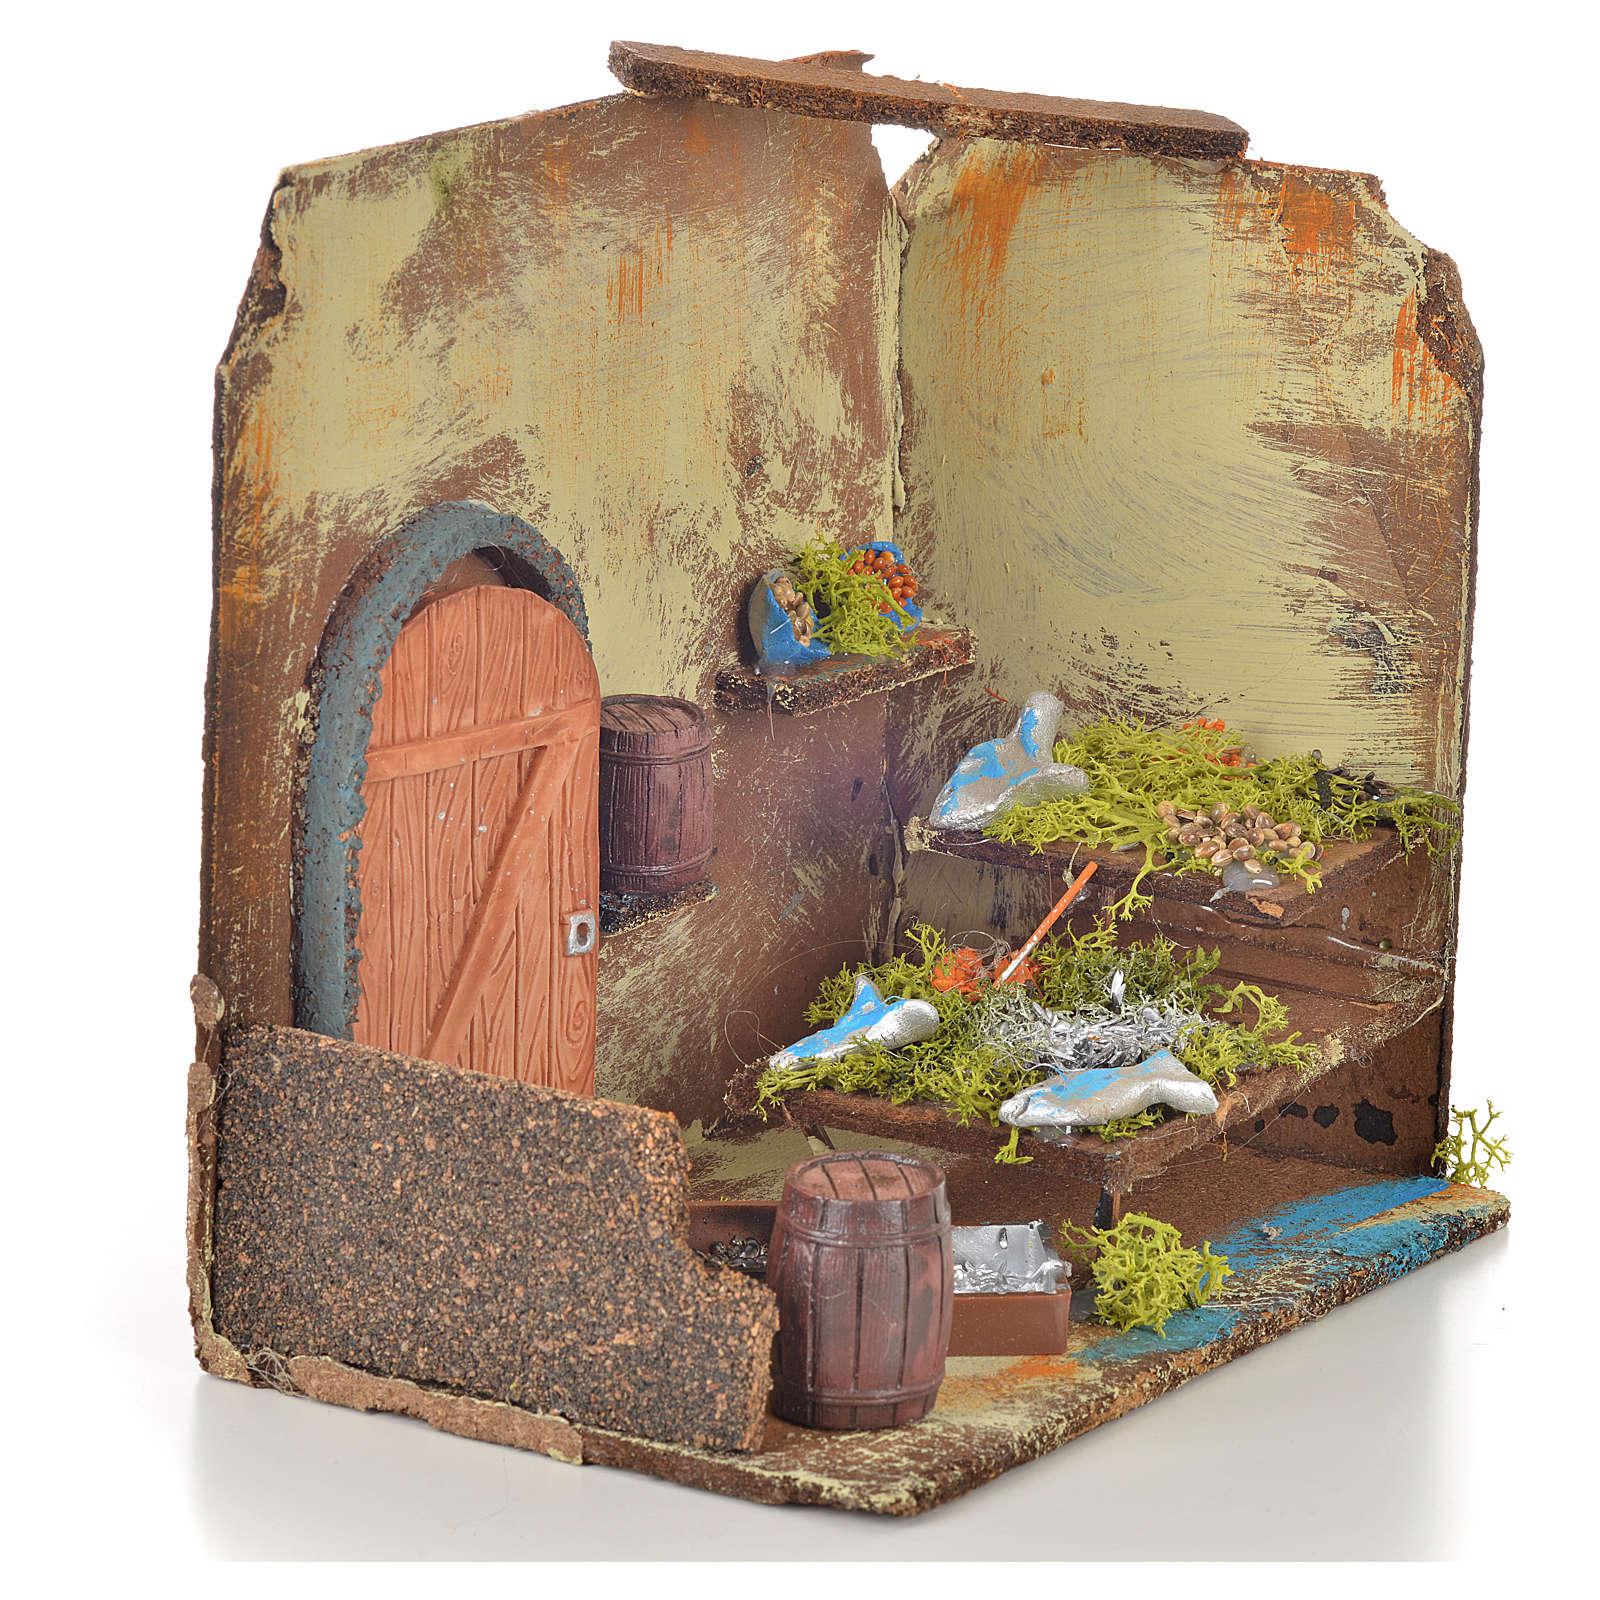 Magasin du poissonnier miniature crèche 20x14x20 cm 4